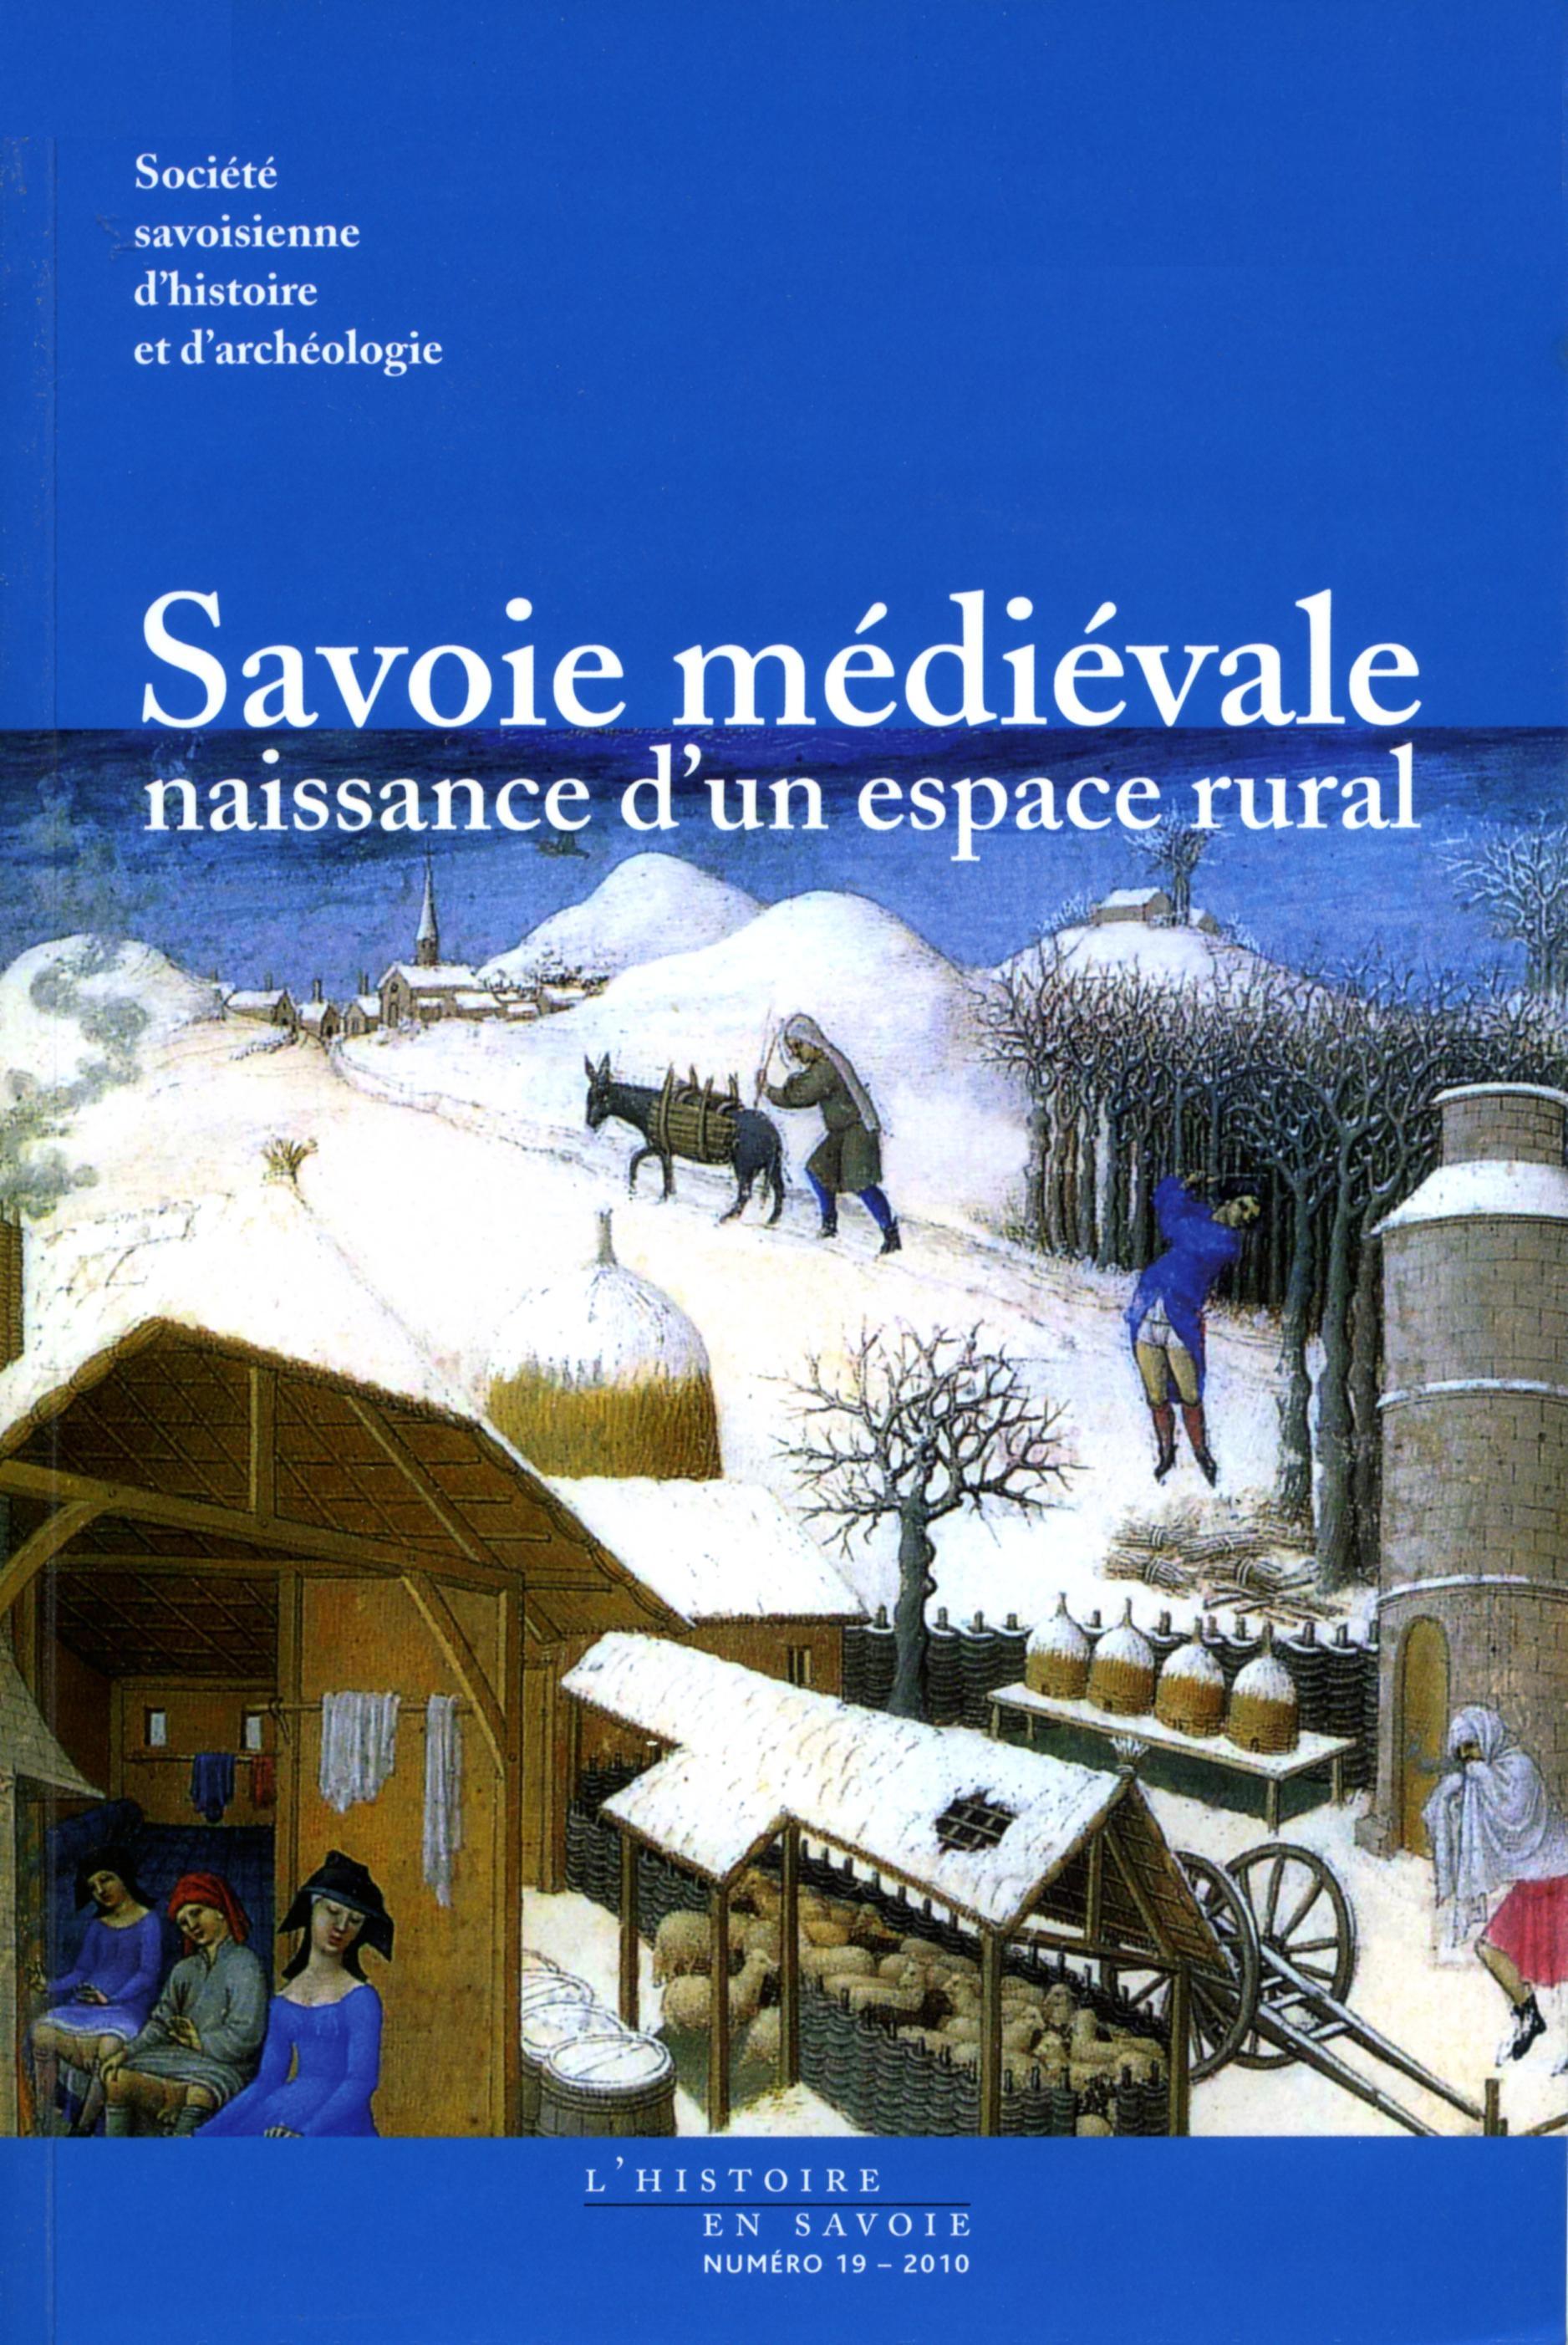 Savoie médiévale, naissance d'un espace rural